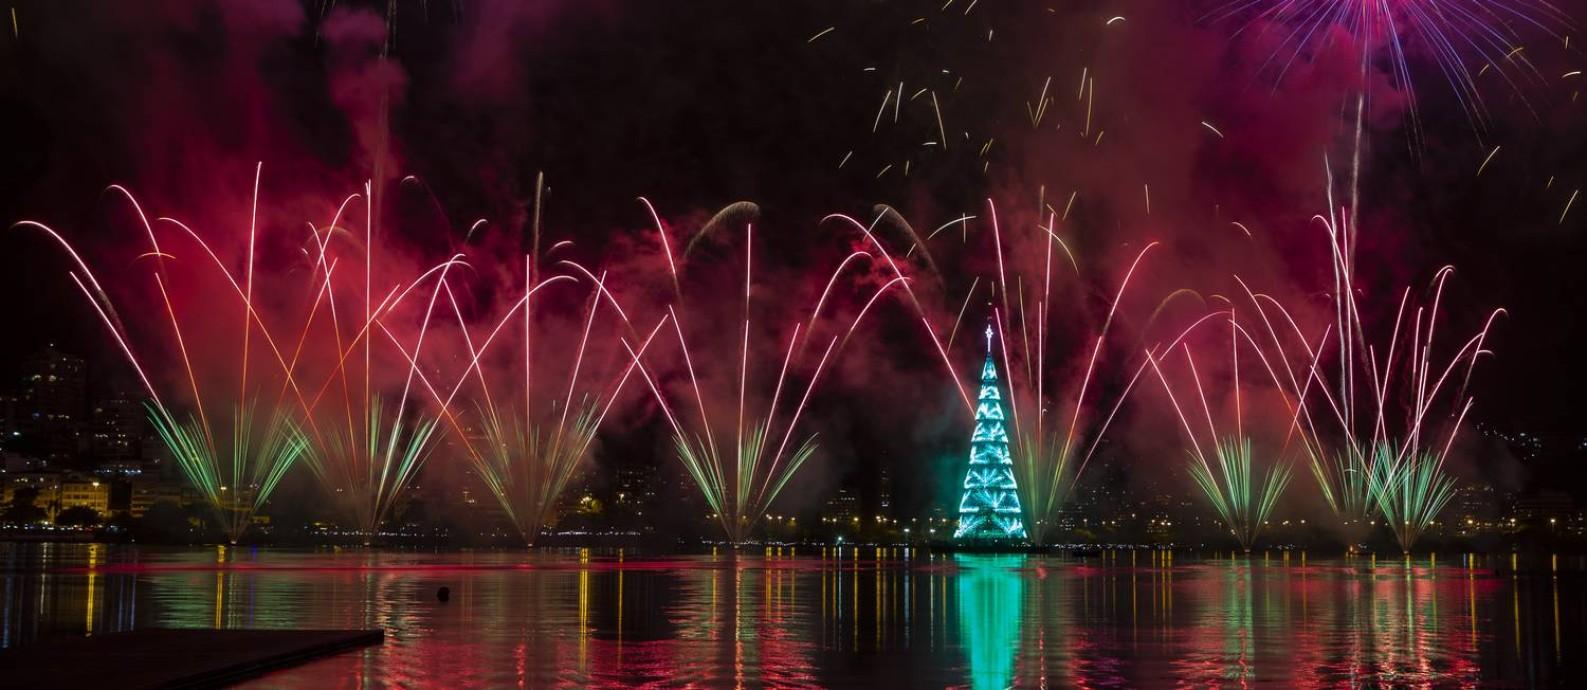 Árvore da Lagoa marca as comemorações do Natal na cidade Foto: Alexandre Cassiano / Agência O Globo